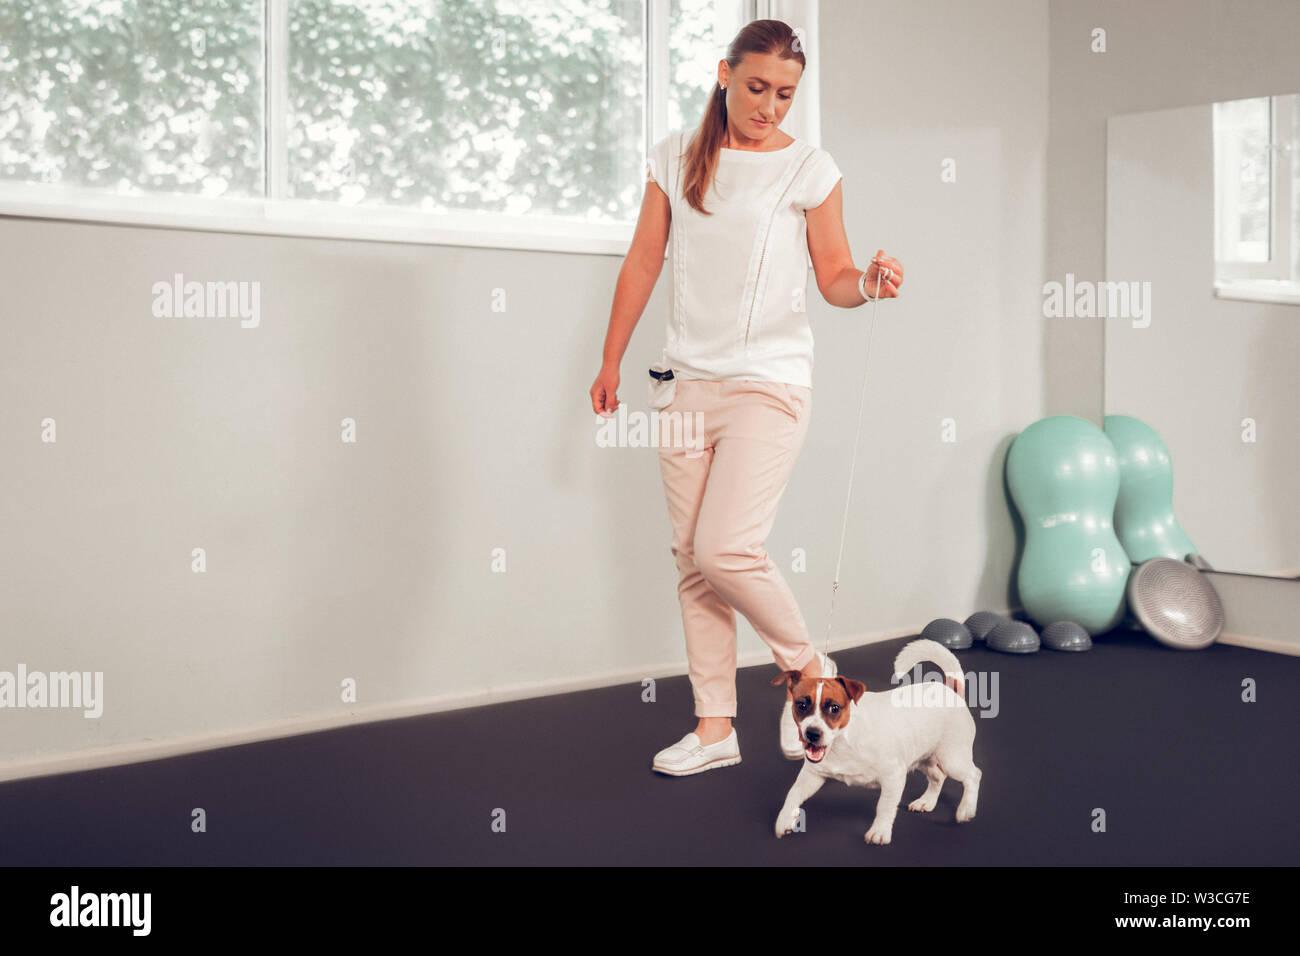 Chien élégant spécialiste. Beau chien élégant chemisier blanc spécialiste walking with dog Photo Stock